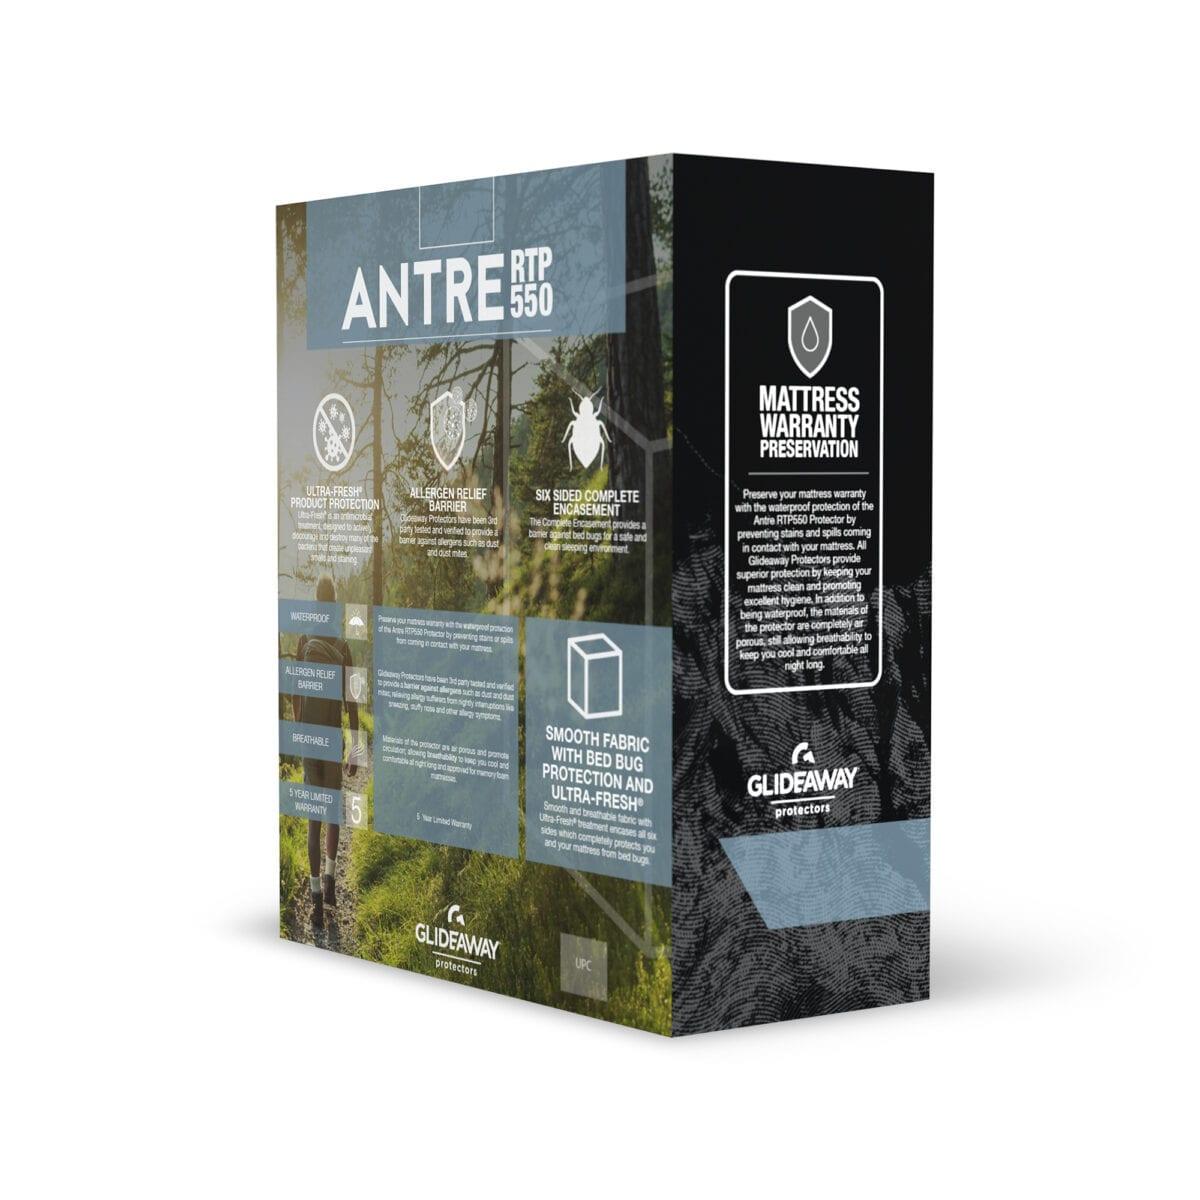 Antre Complete Encasement Mattress Protector